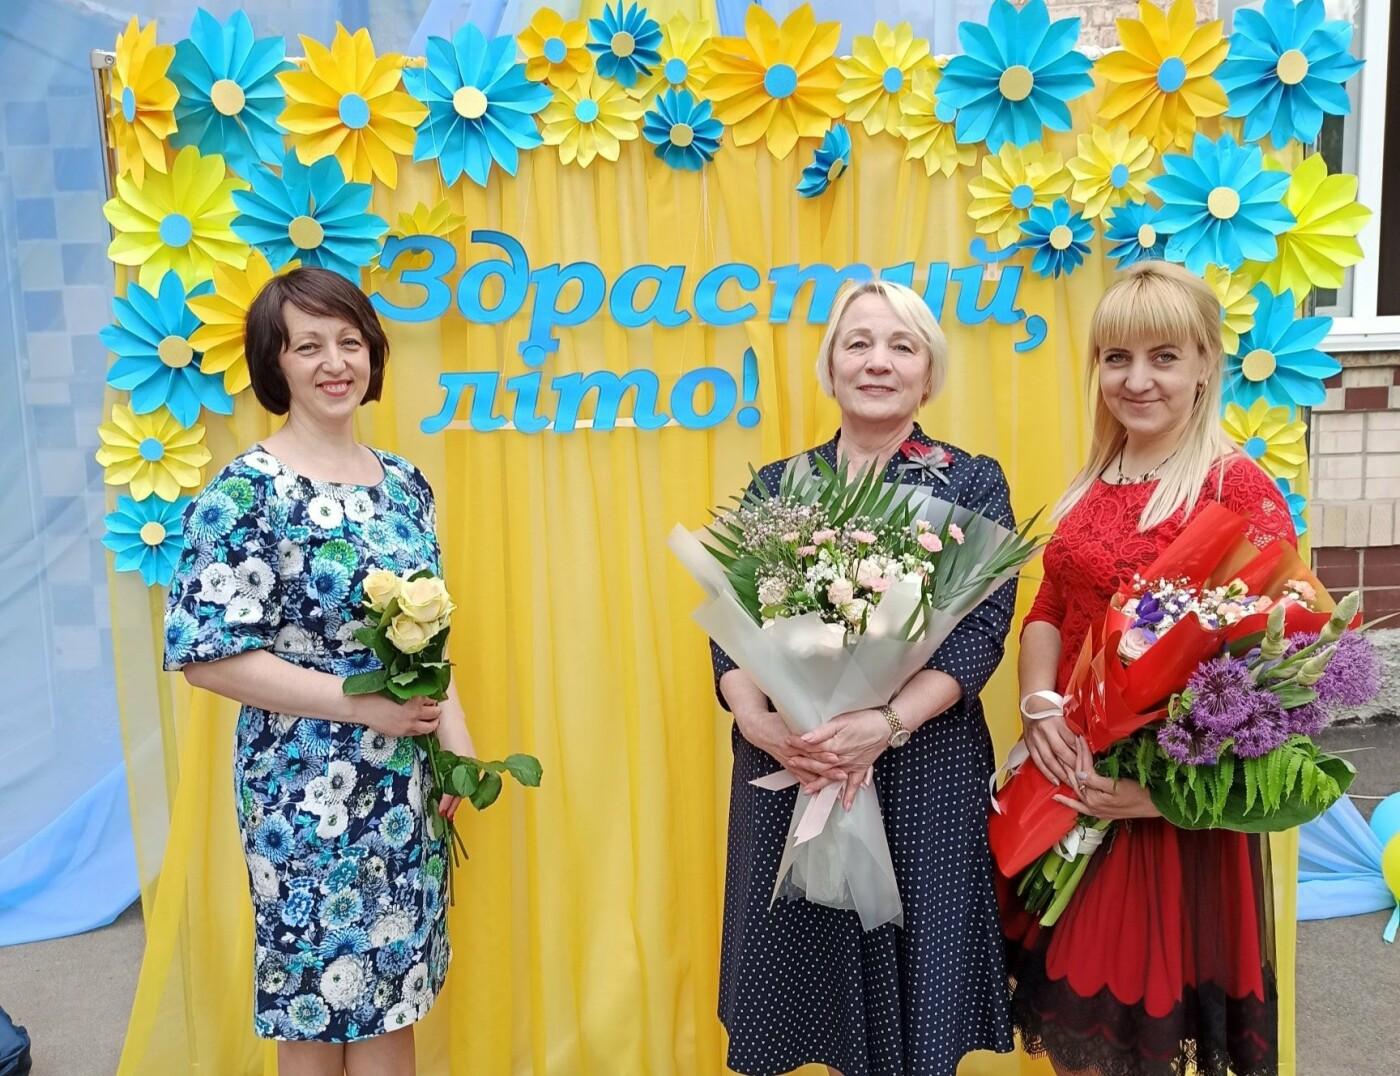 Останній дзвоник пролунав у школі №2 Новограда-Волинського для учнів 5-11 класів, фото-3